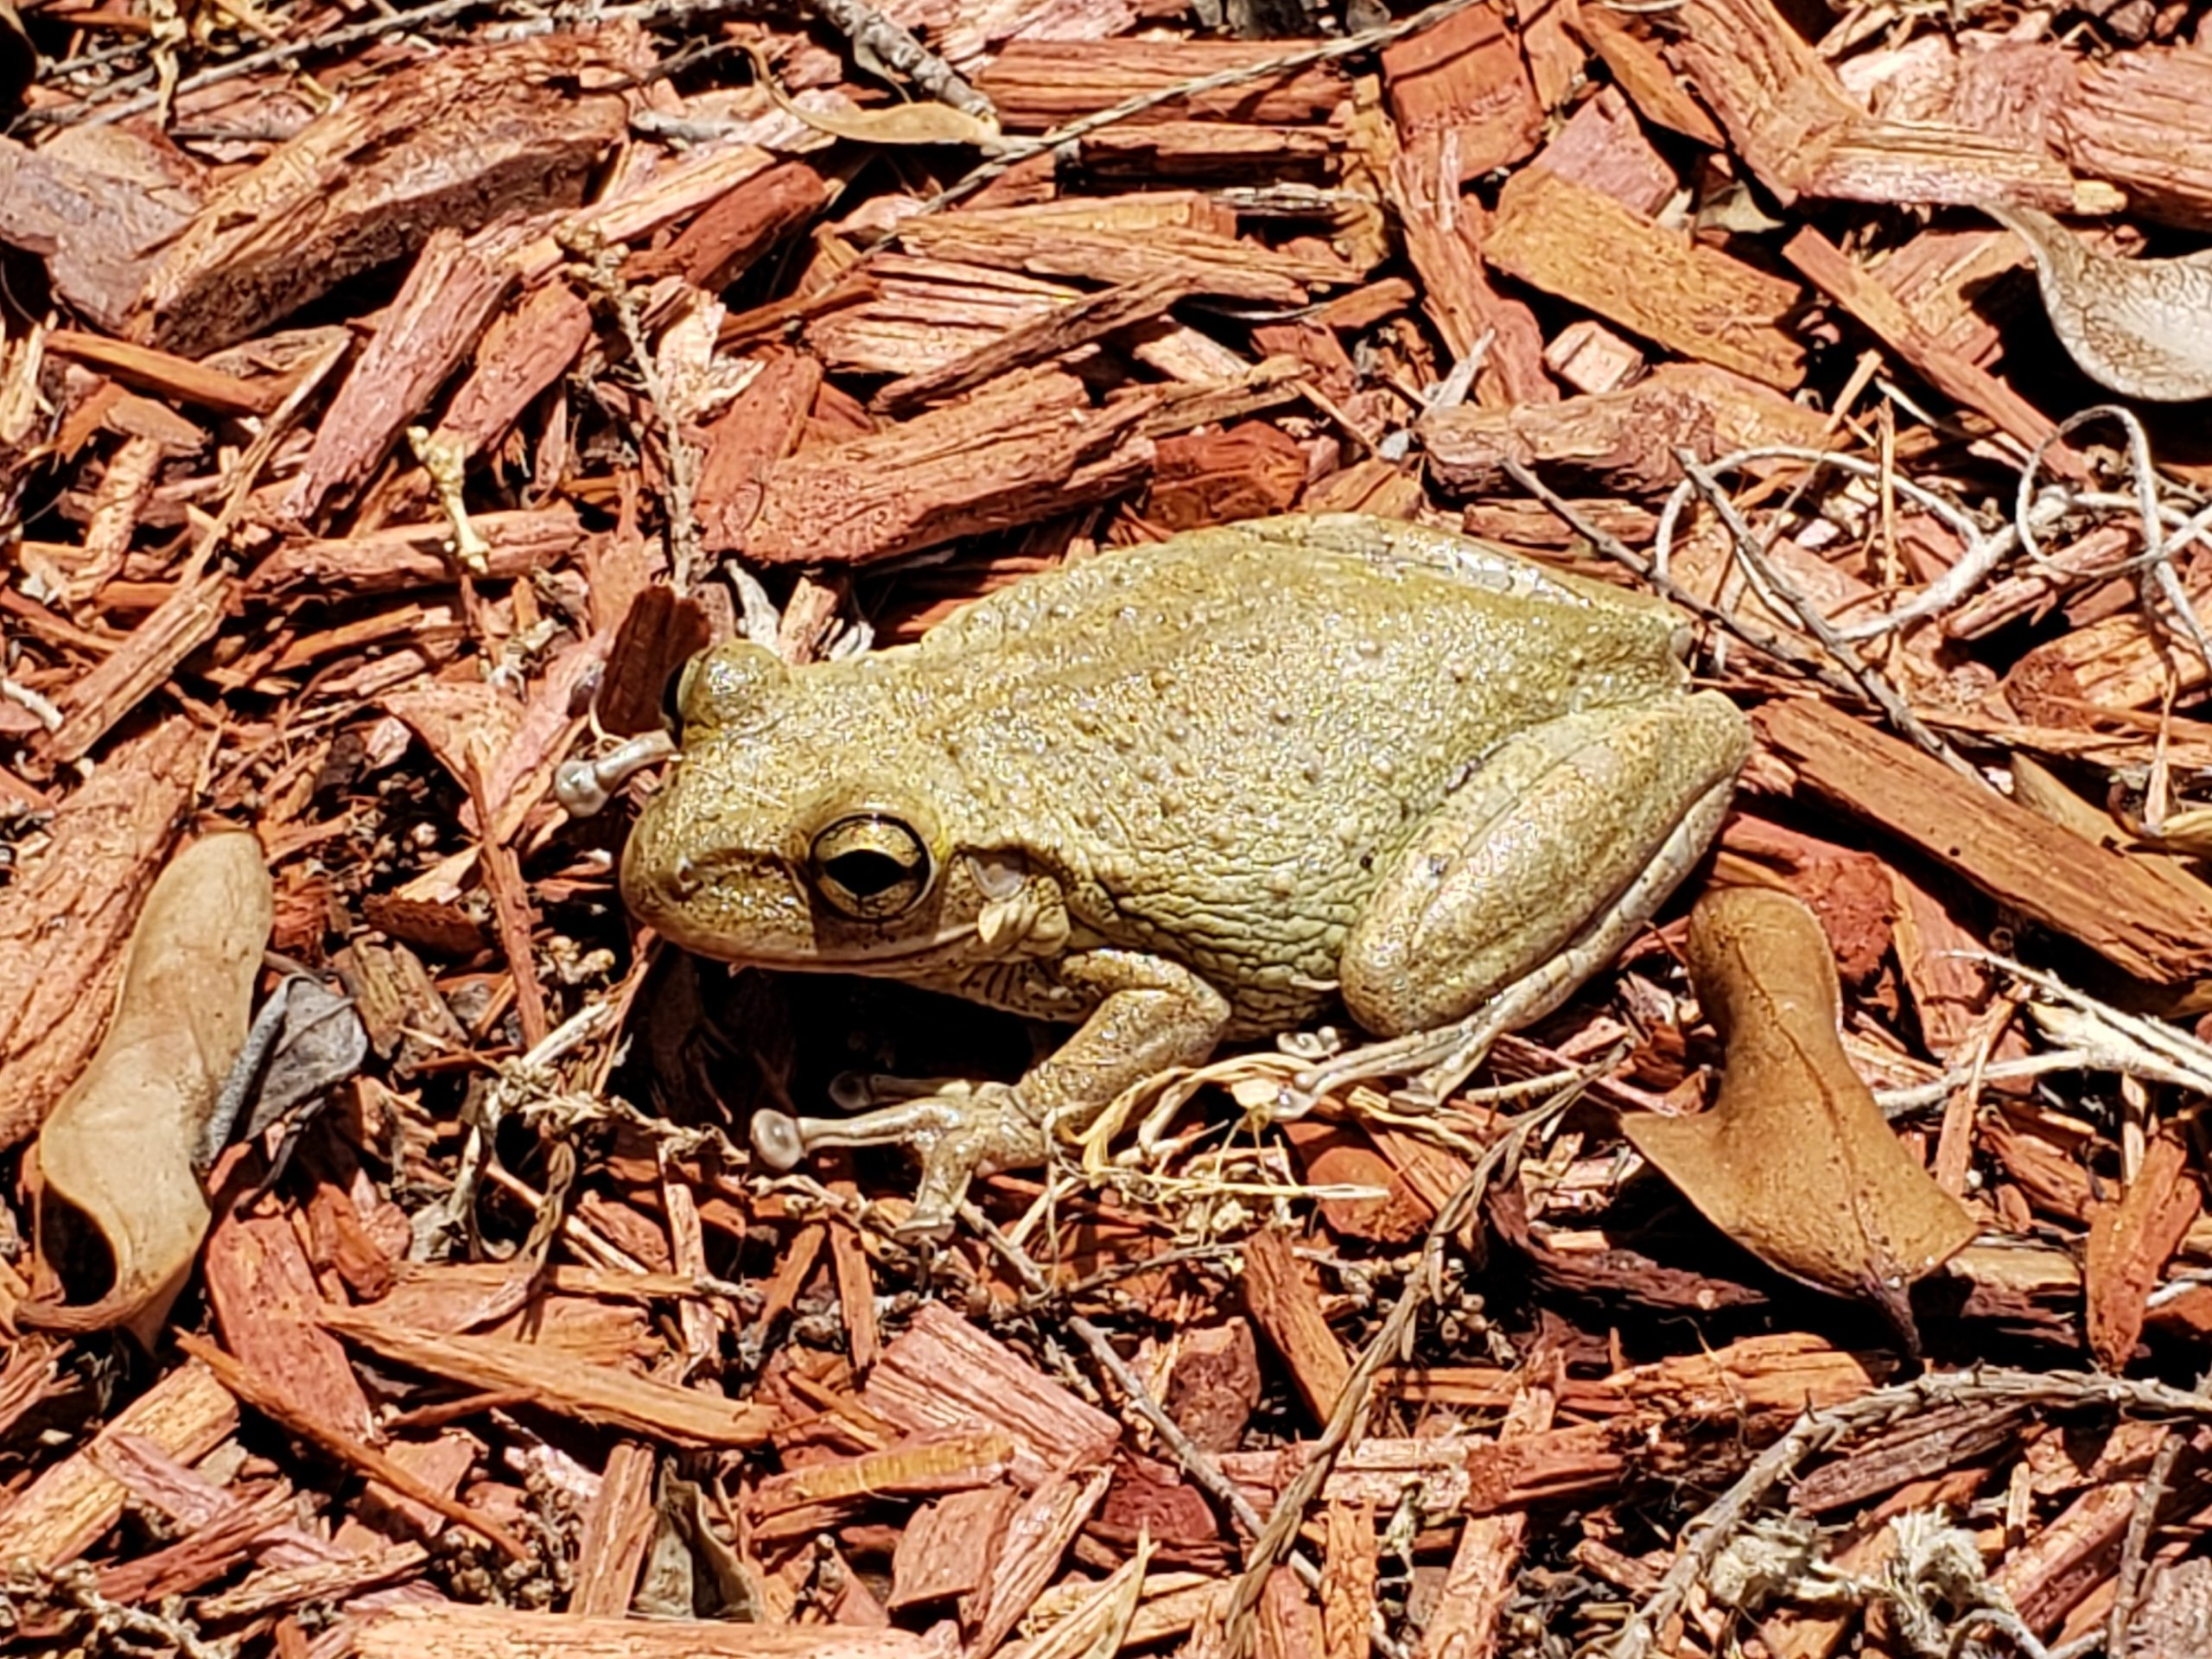 Cuban Tree Frogs